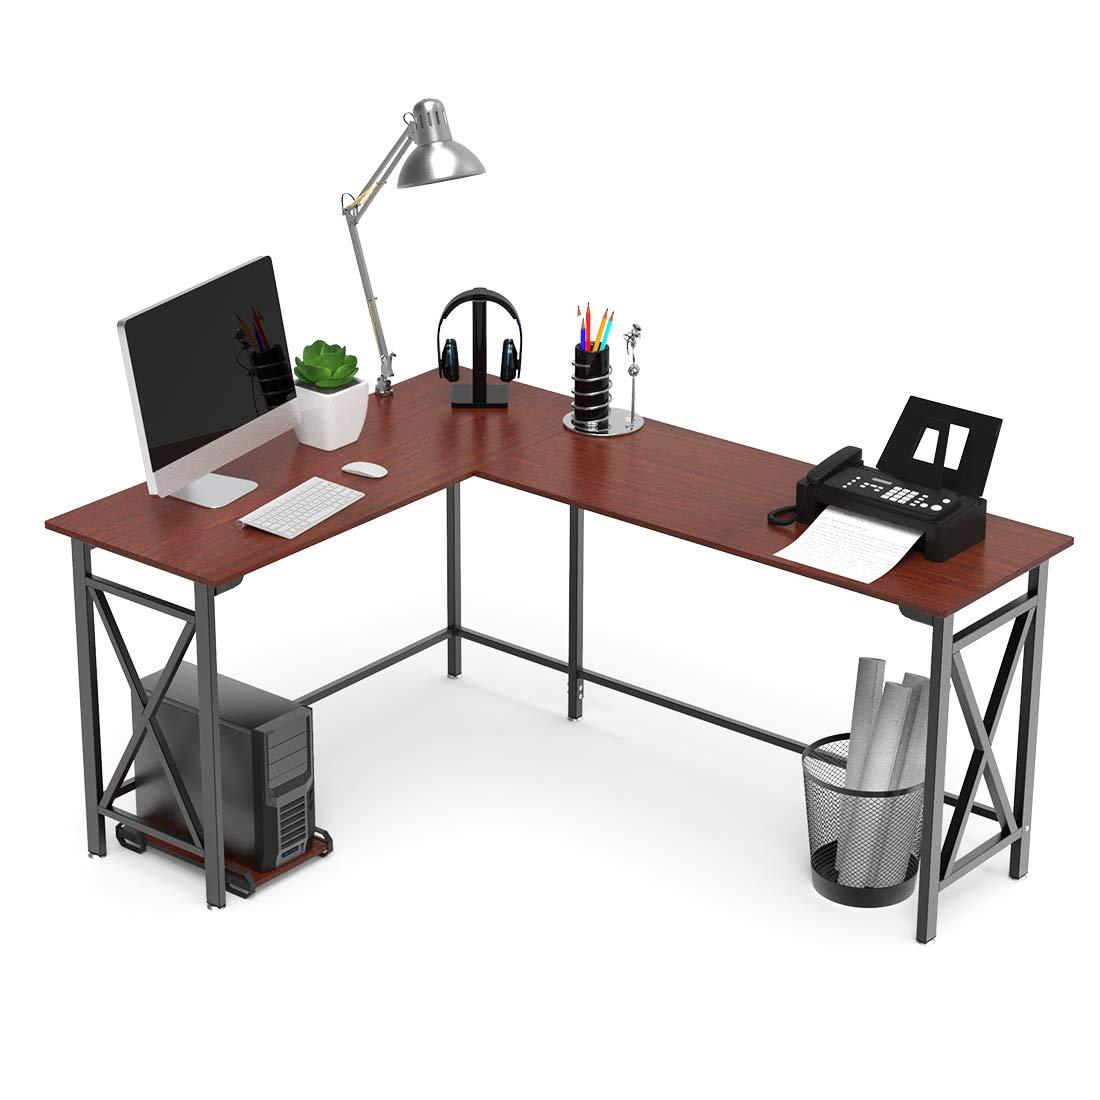 L-Shaped Computer Desk 67'' x 51'' Walnut Corner Computer Desks 2-Piece Corner Laptop Table Home Office Desk Desktop Computer Desks Workstation Desk with Free Wood Mainframe Holder Easy Assemble